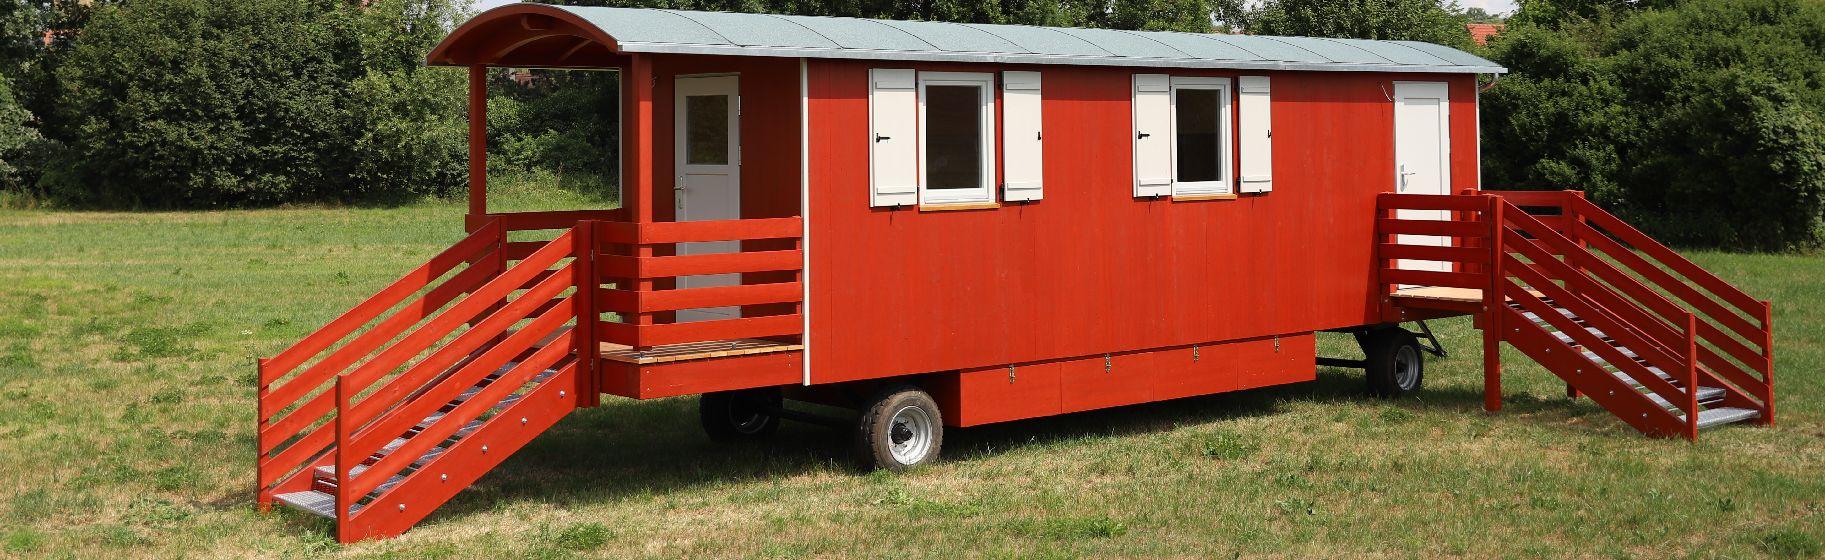 Waldkindergartenwagen